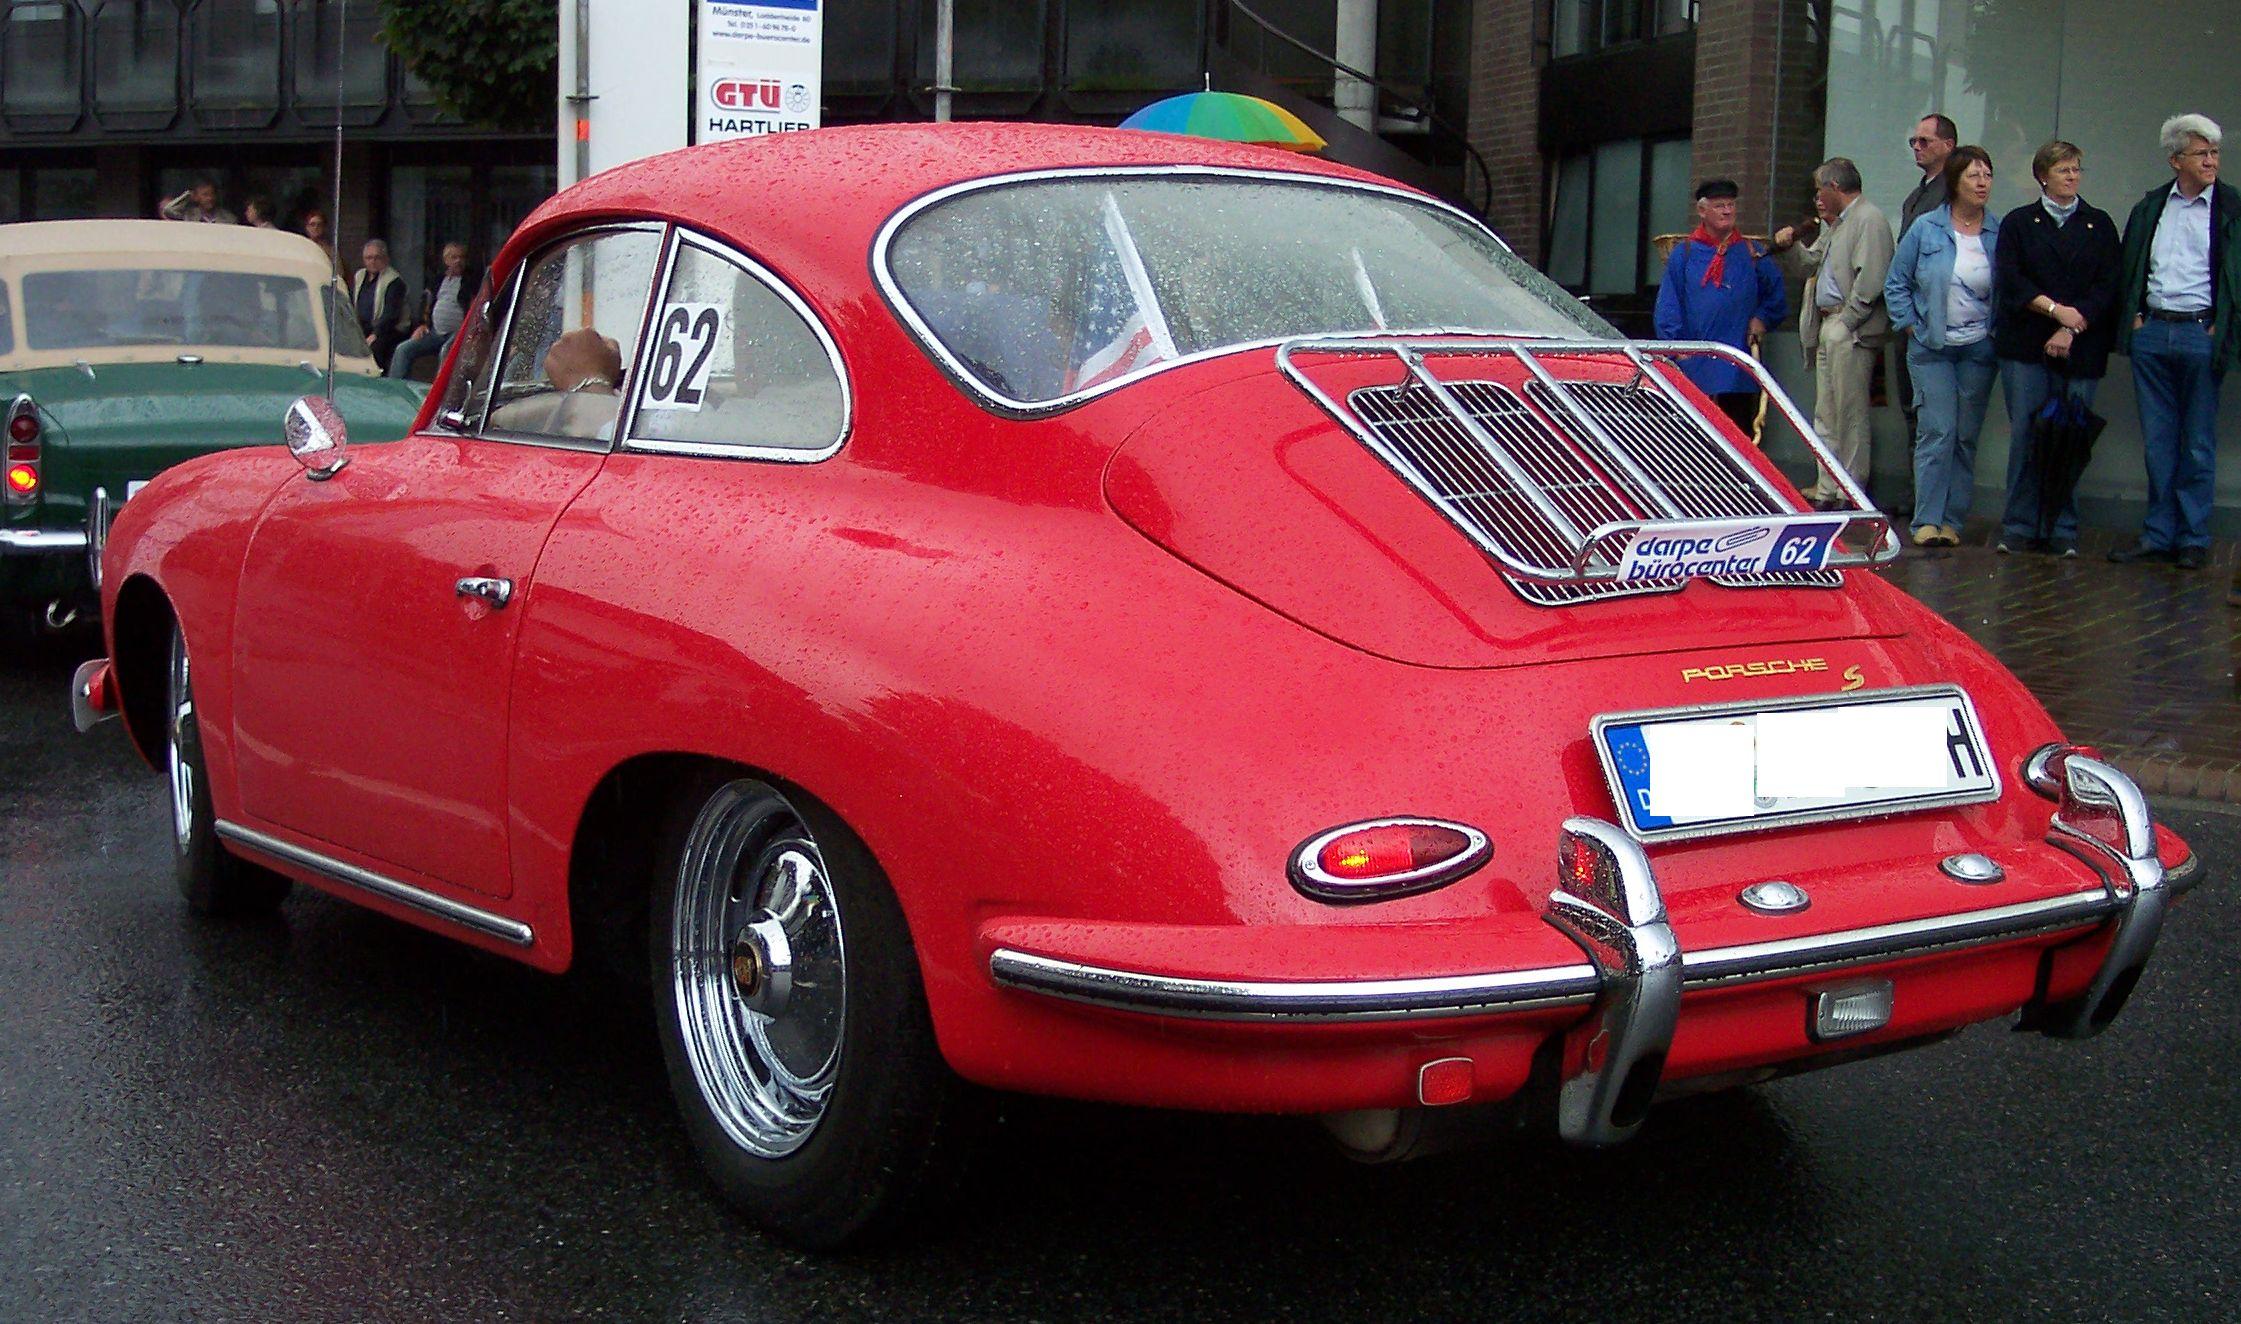 PORSCHE 356 red